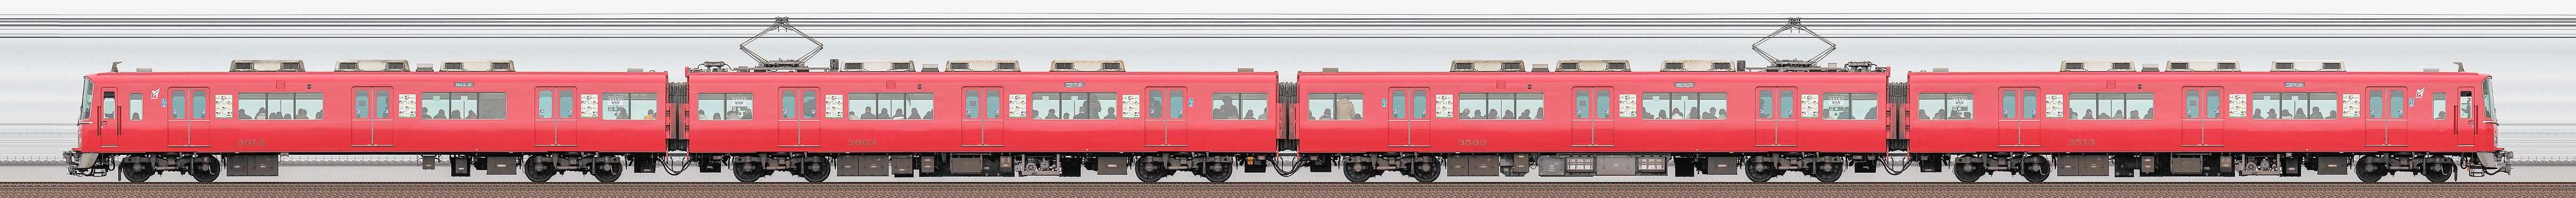 名鉄3500系(3次車)3513編成(更新車・海側)の編成サイドビュー